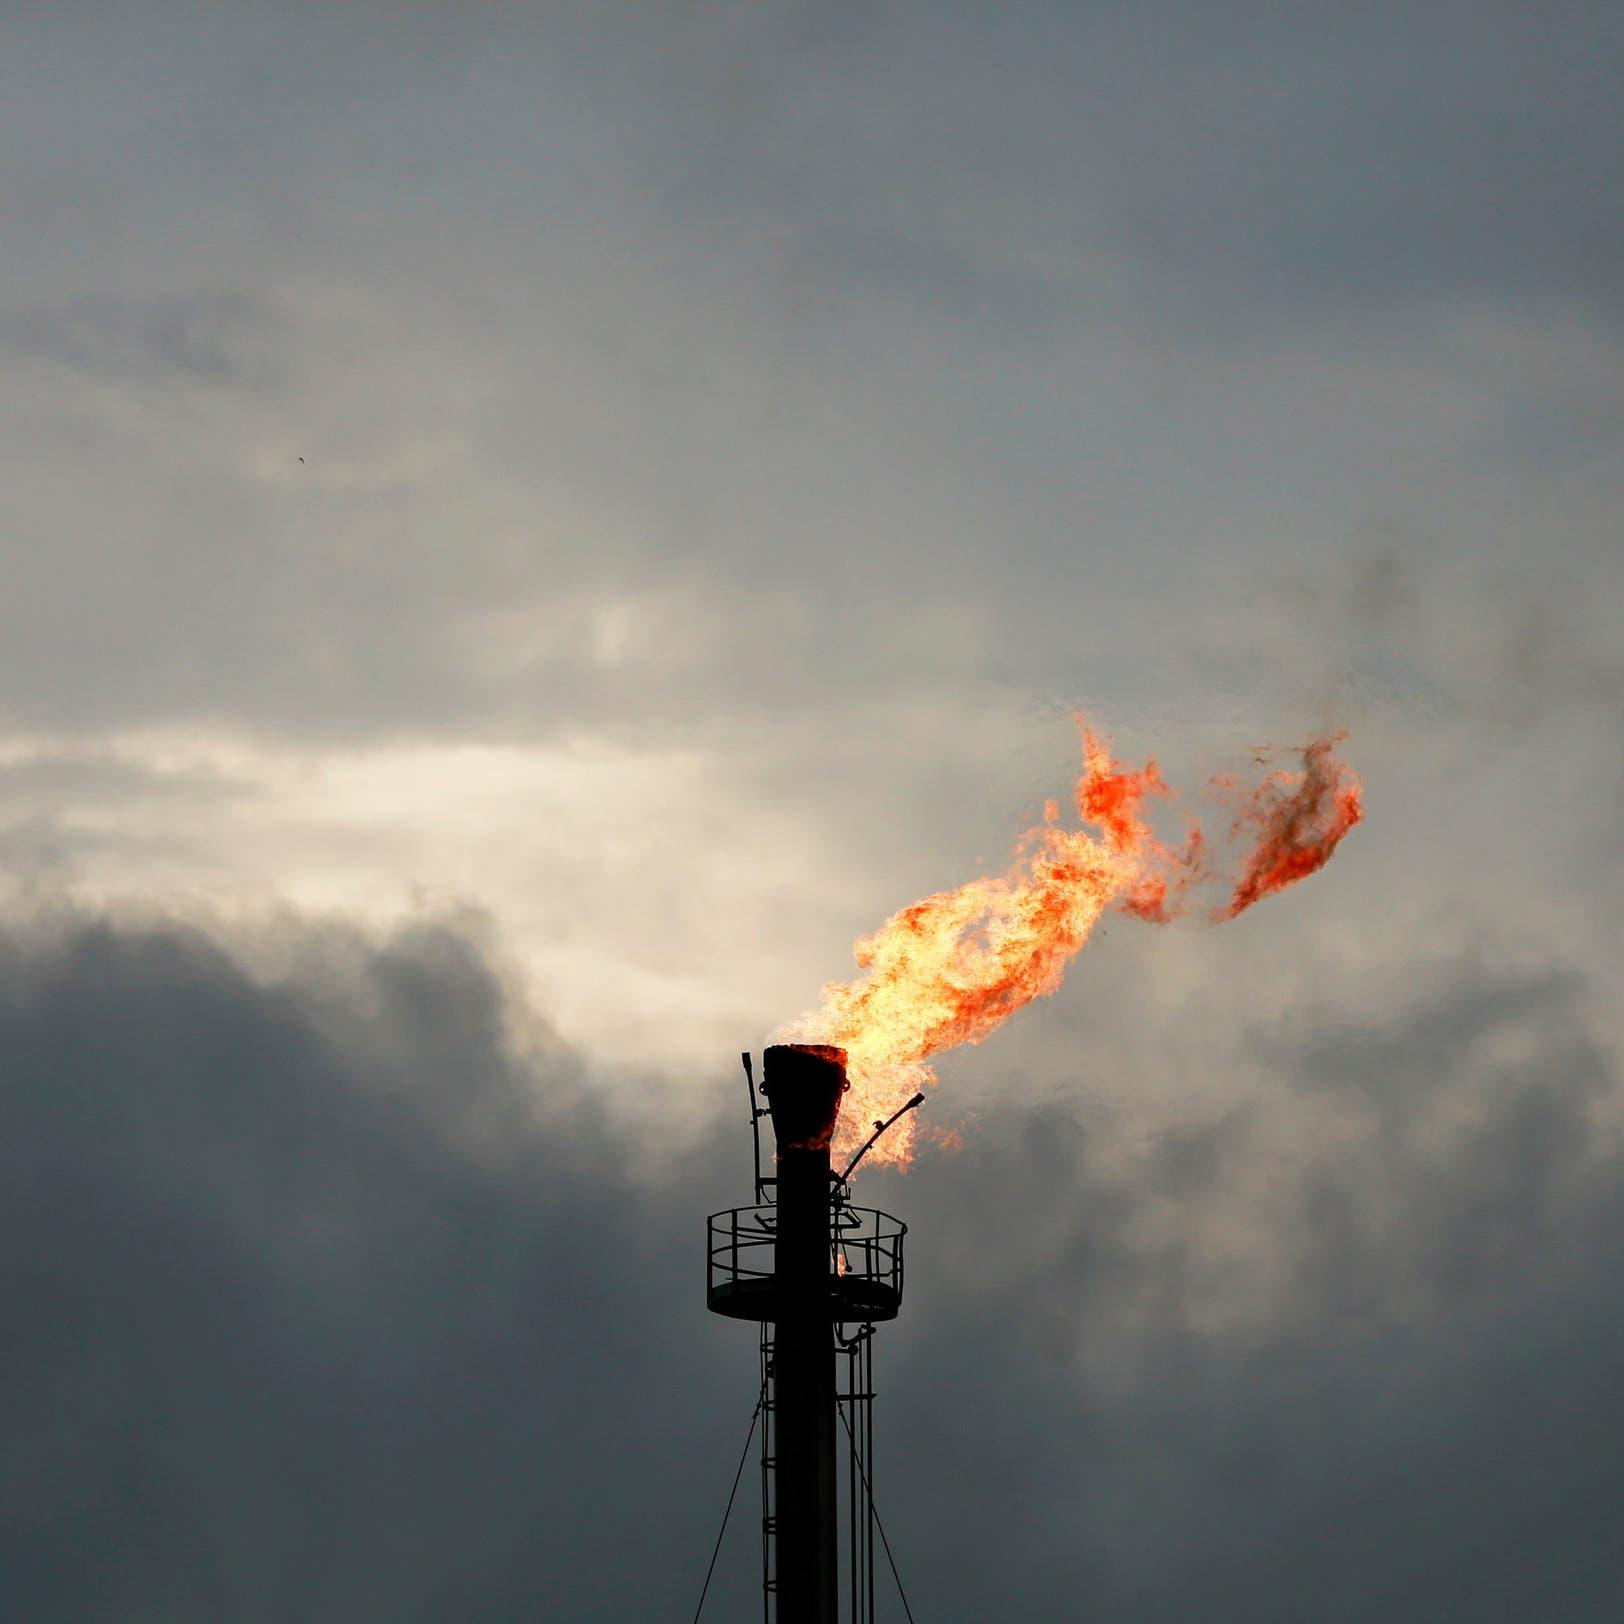 لماذا وقعت أوروبا دون غيرها في فخ أزمة الغاز؟